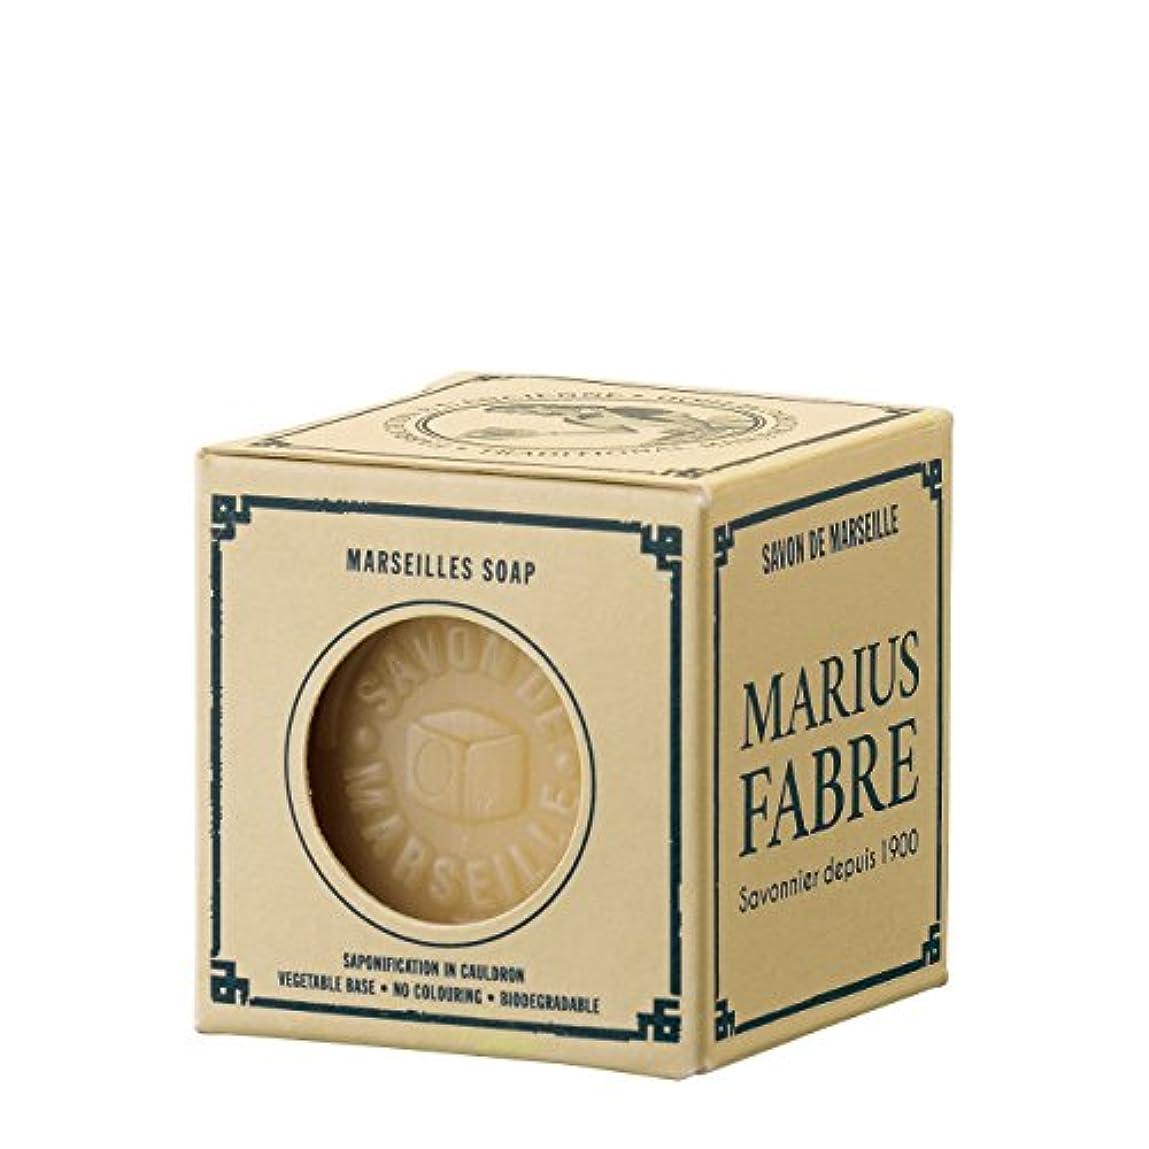 麦芽一般毎月サボンドマルセイユ ネイチャー パーム (100g)